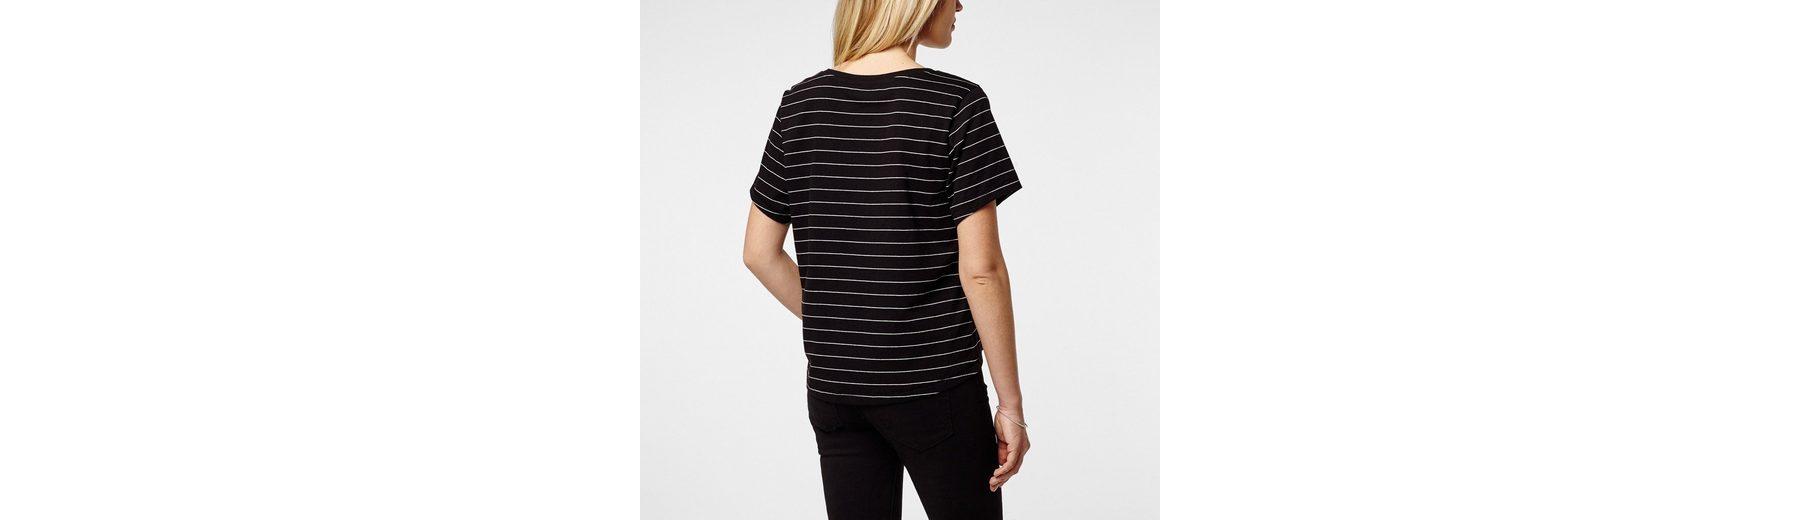 Jack's Shirt O'Neill kurz盲rmlig O'Neill T T Stripe X474S